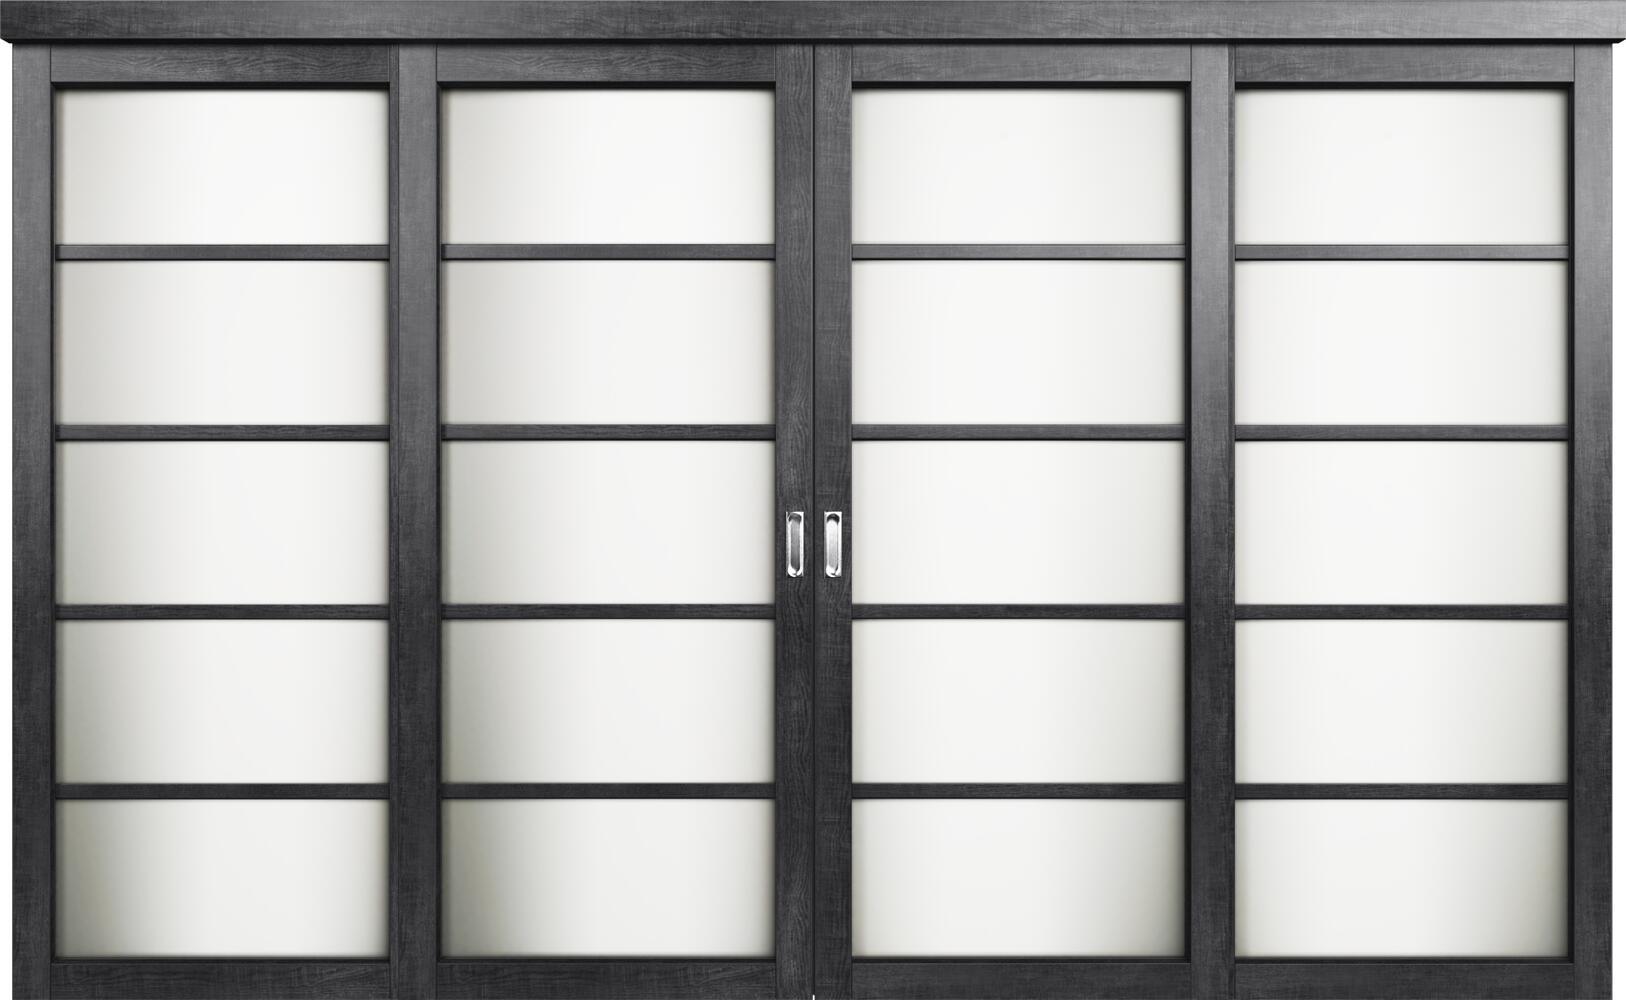 Коллекция Перегородки Двухполосная раздвижная система для 4-х полотен. Тип 1 Венге пепельный + Триплекс белый